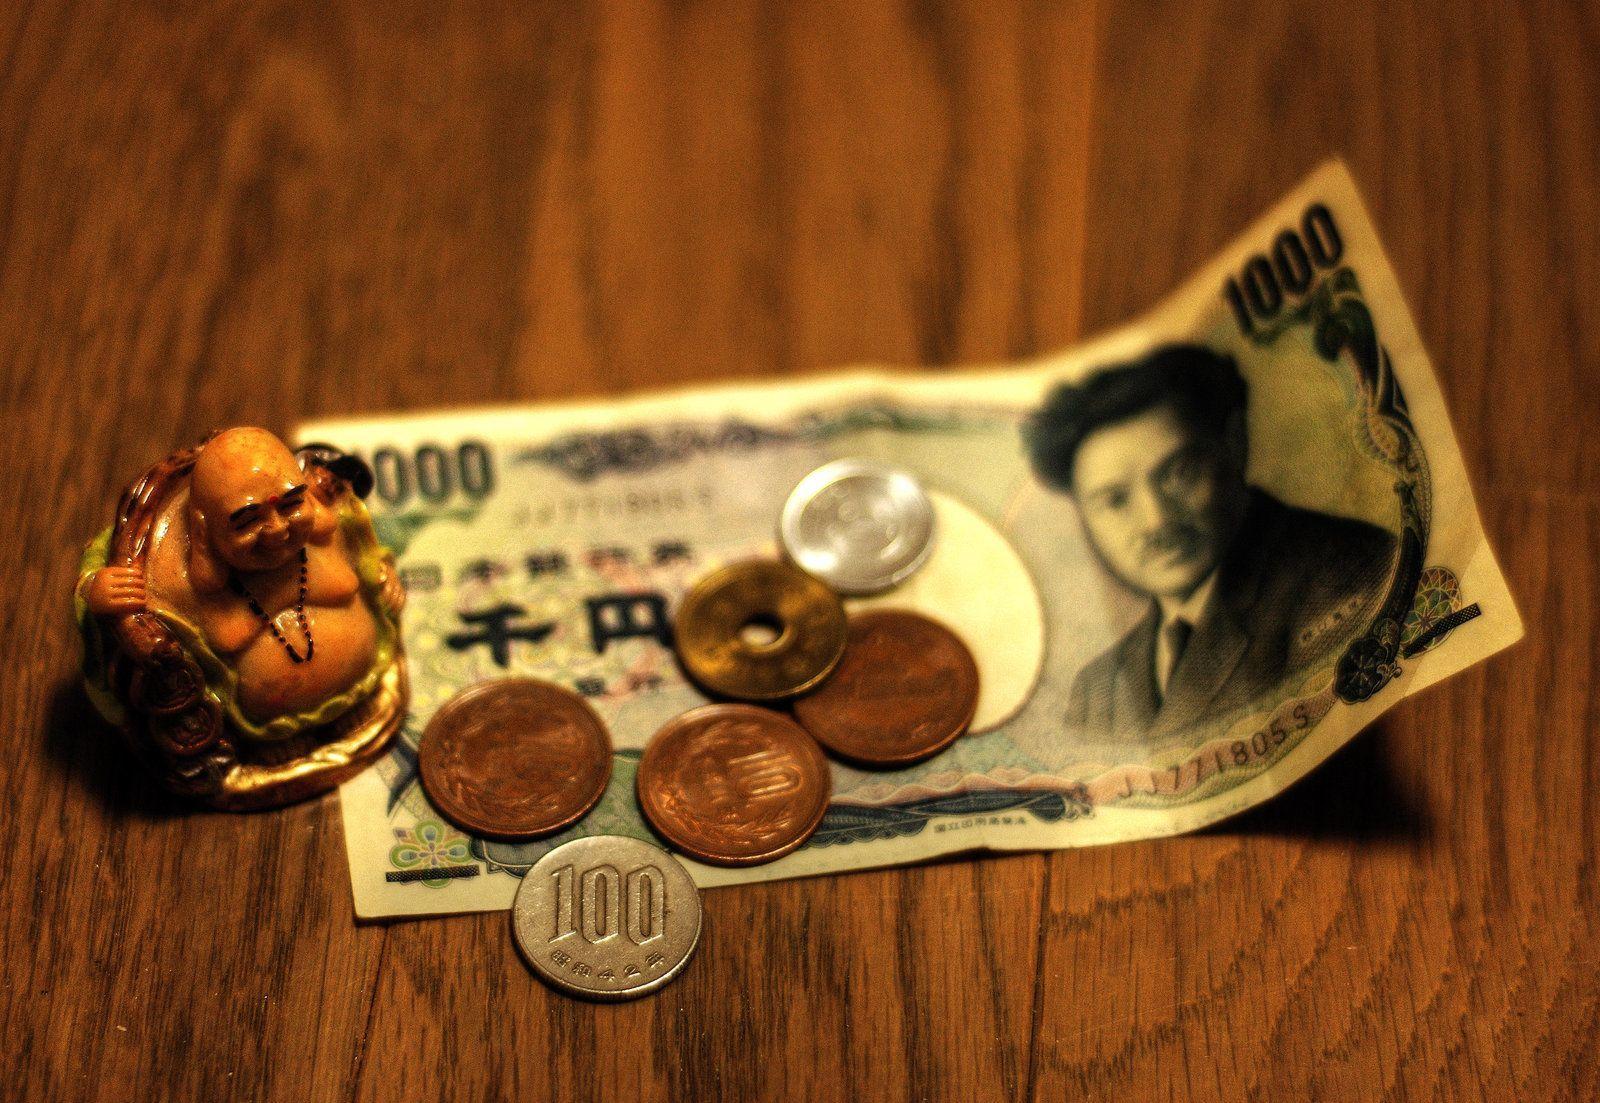 Japonia – jak zorganizować wyjazd #4: Co zrobić, aby wyjazd był tańszy